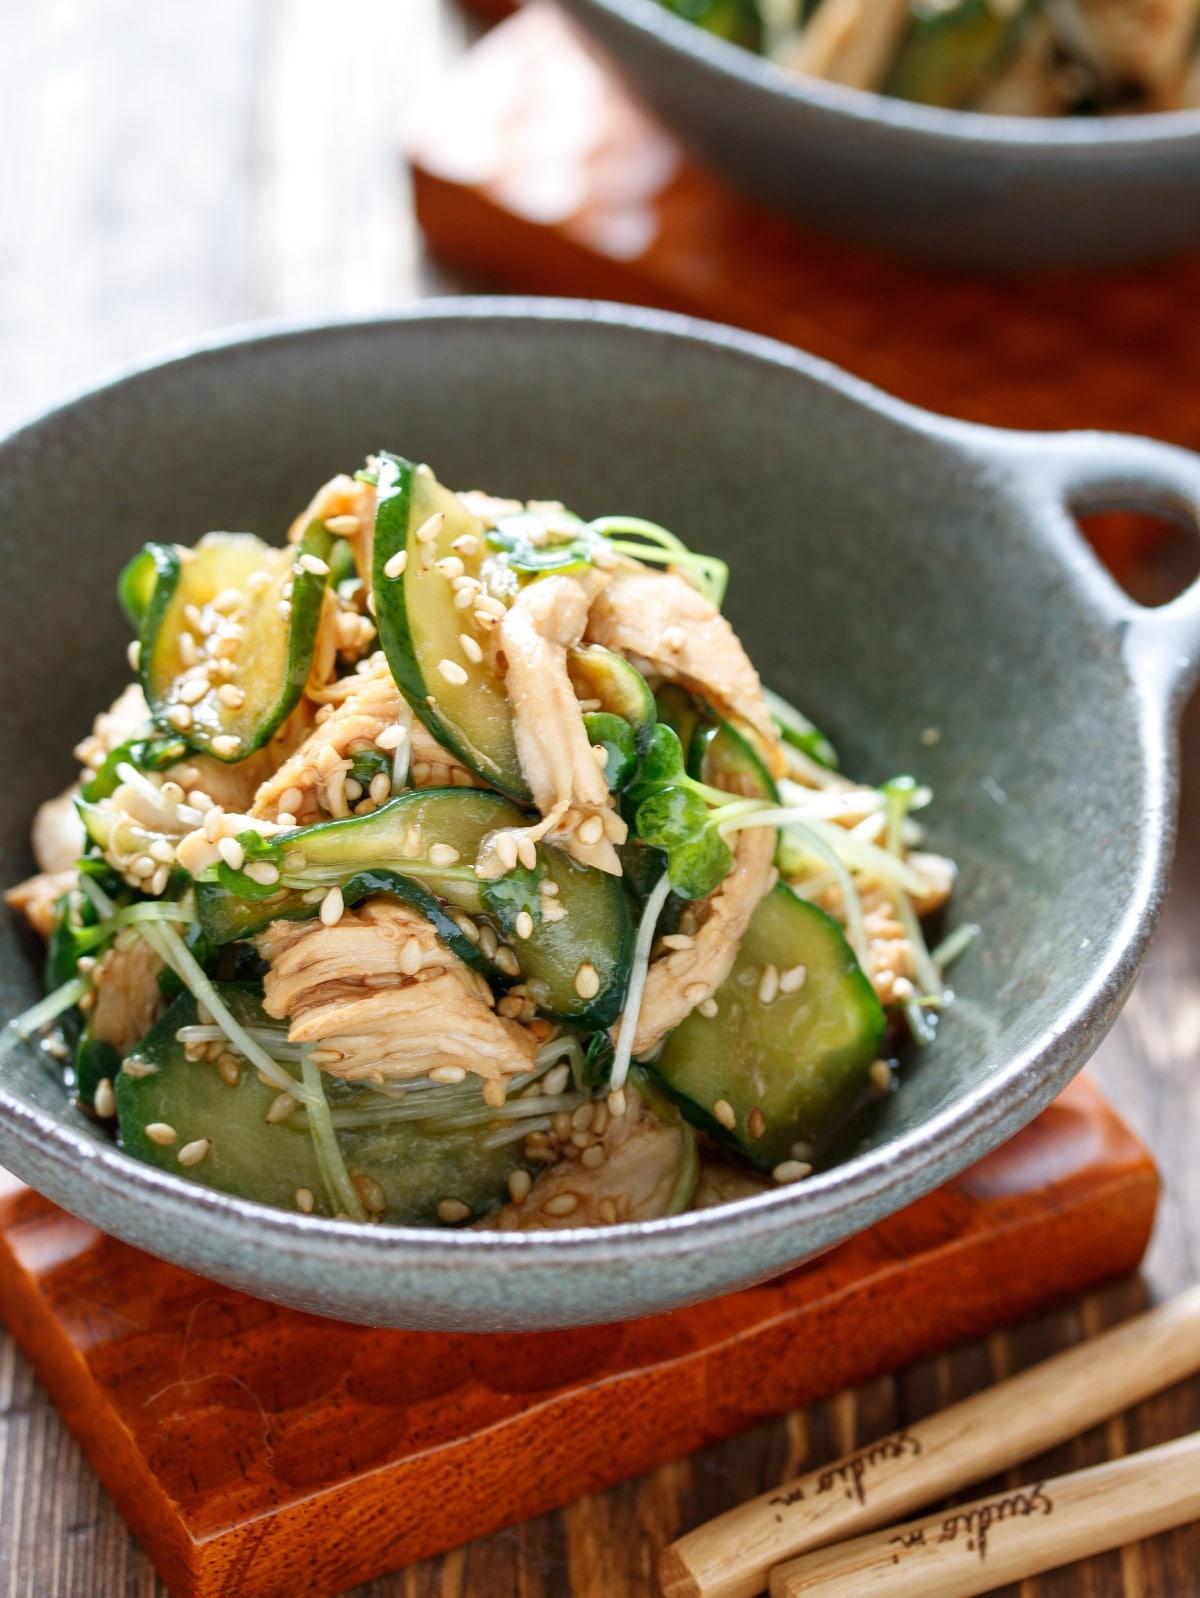 中華 料理 レシピ 中華料理のレシピ・作り方 【簡単人気ランキング】|楽天レシピ